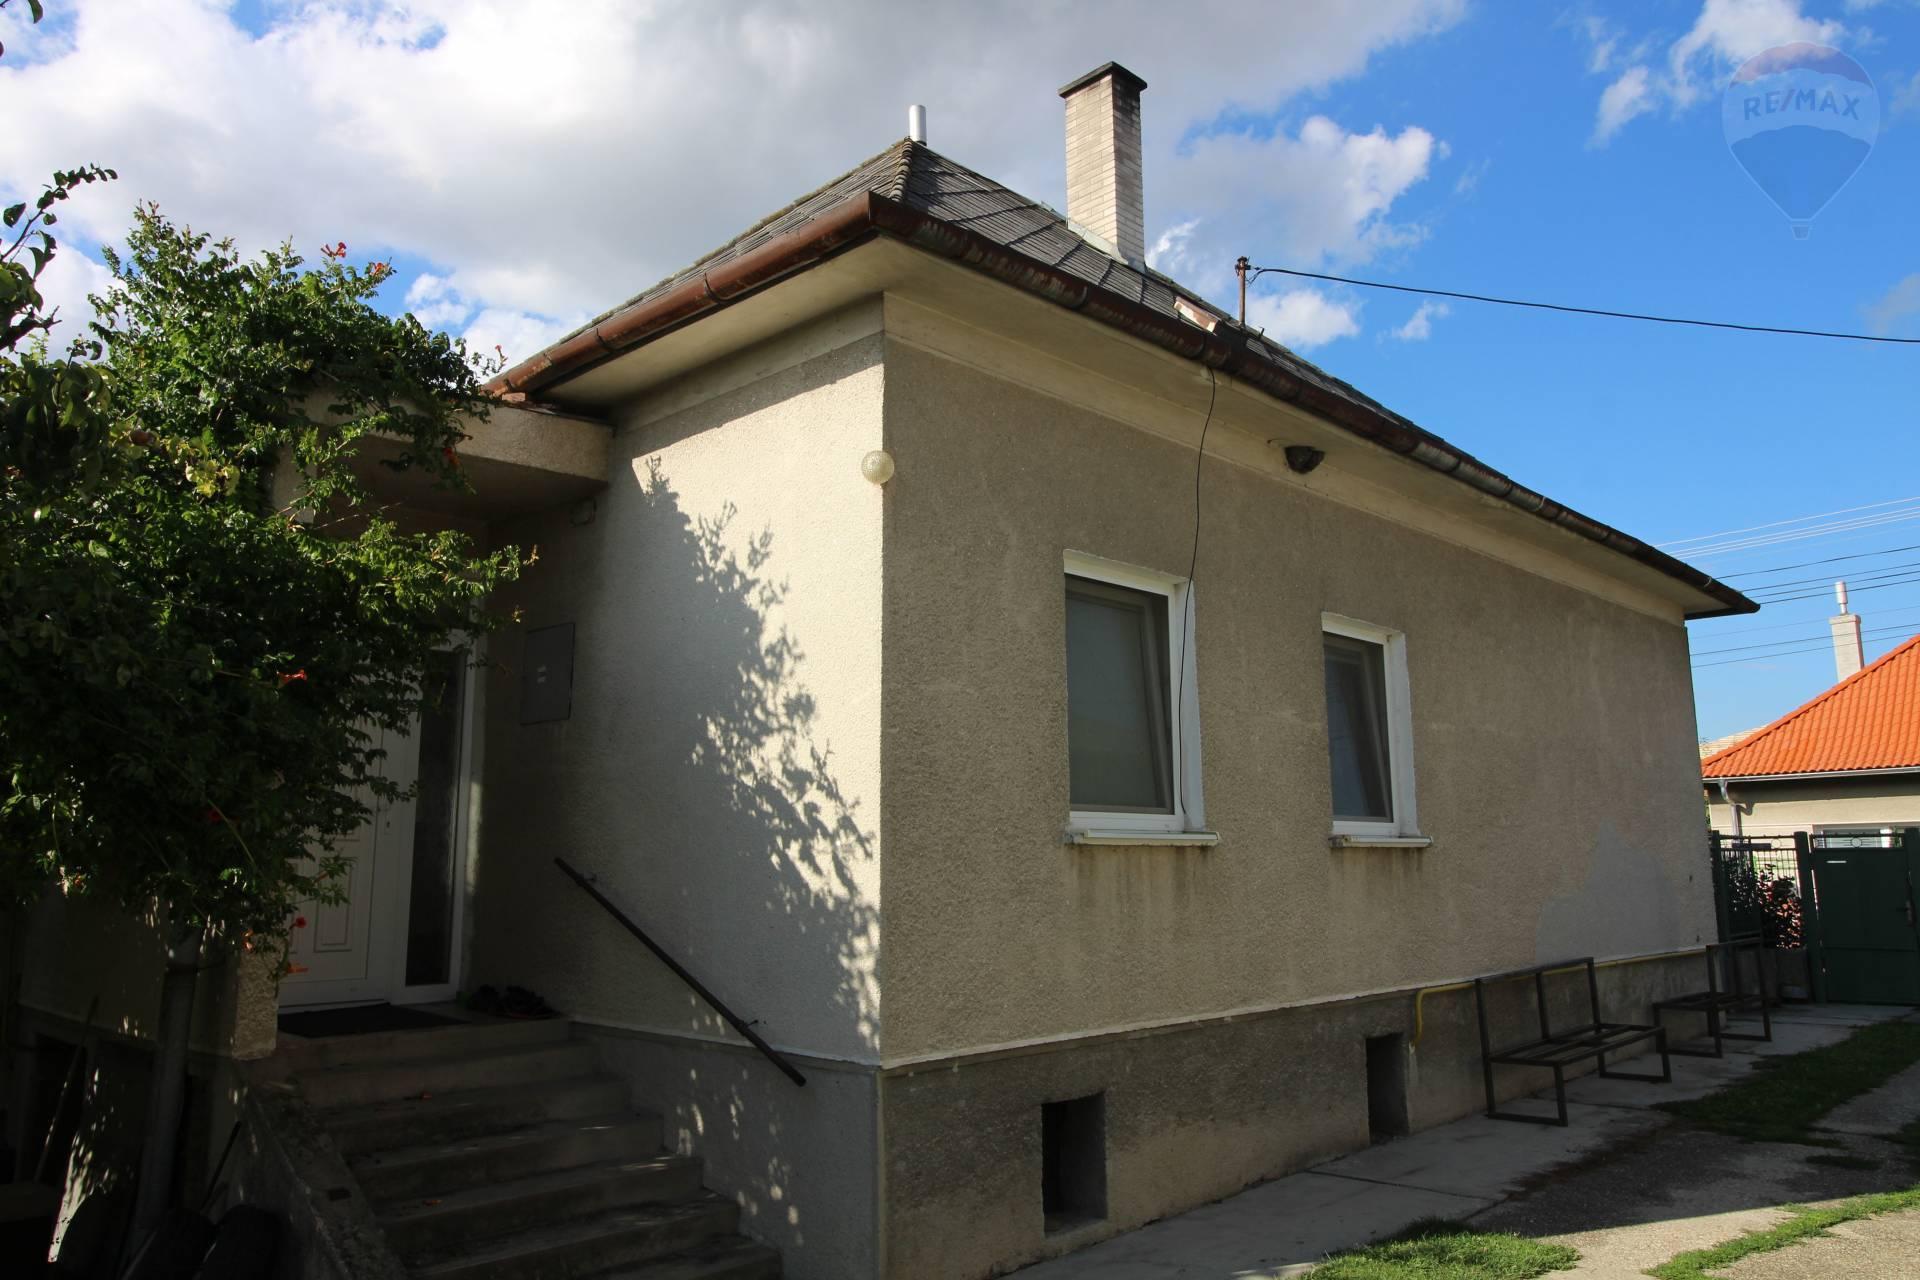 Predaj: 3-izbový rodinný dom, čiastočná rekonštrukcia, Gabčíkovo, okres Dunajská Streda